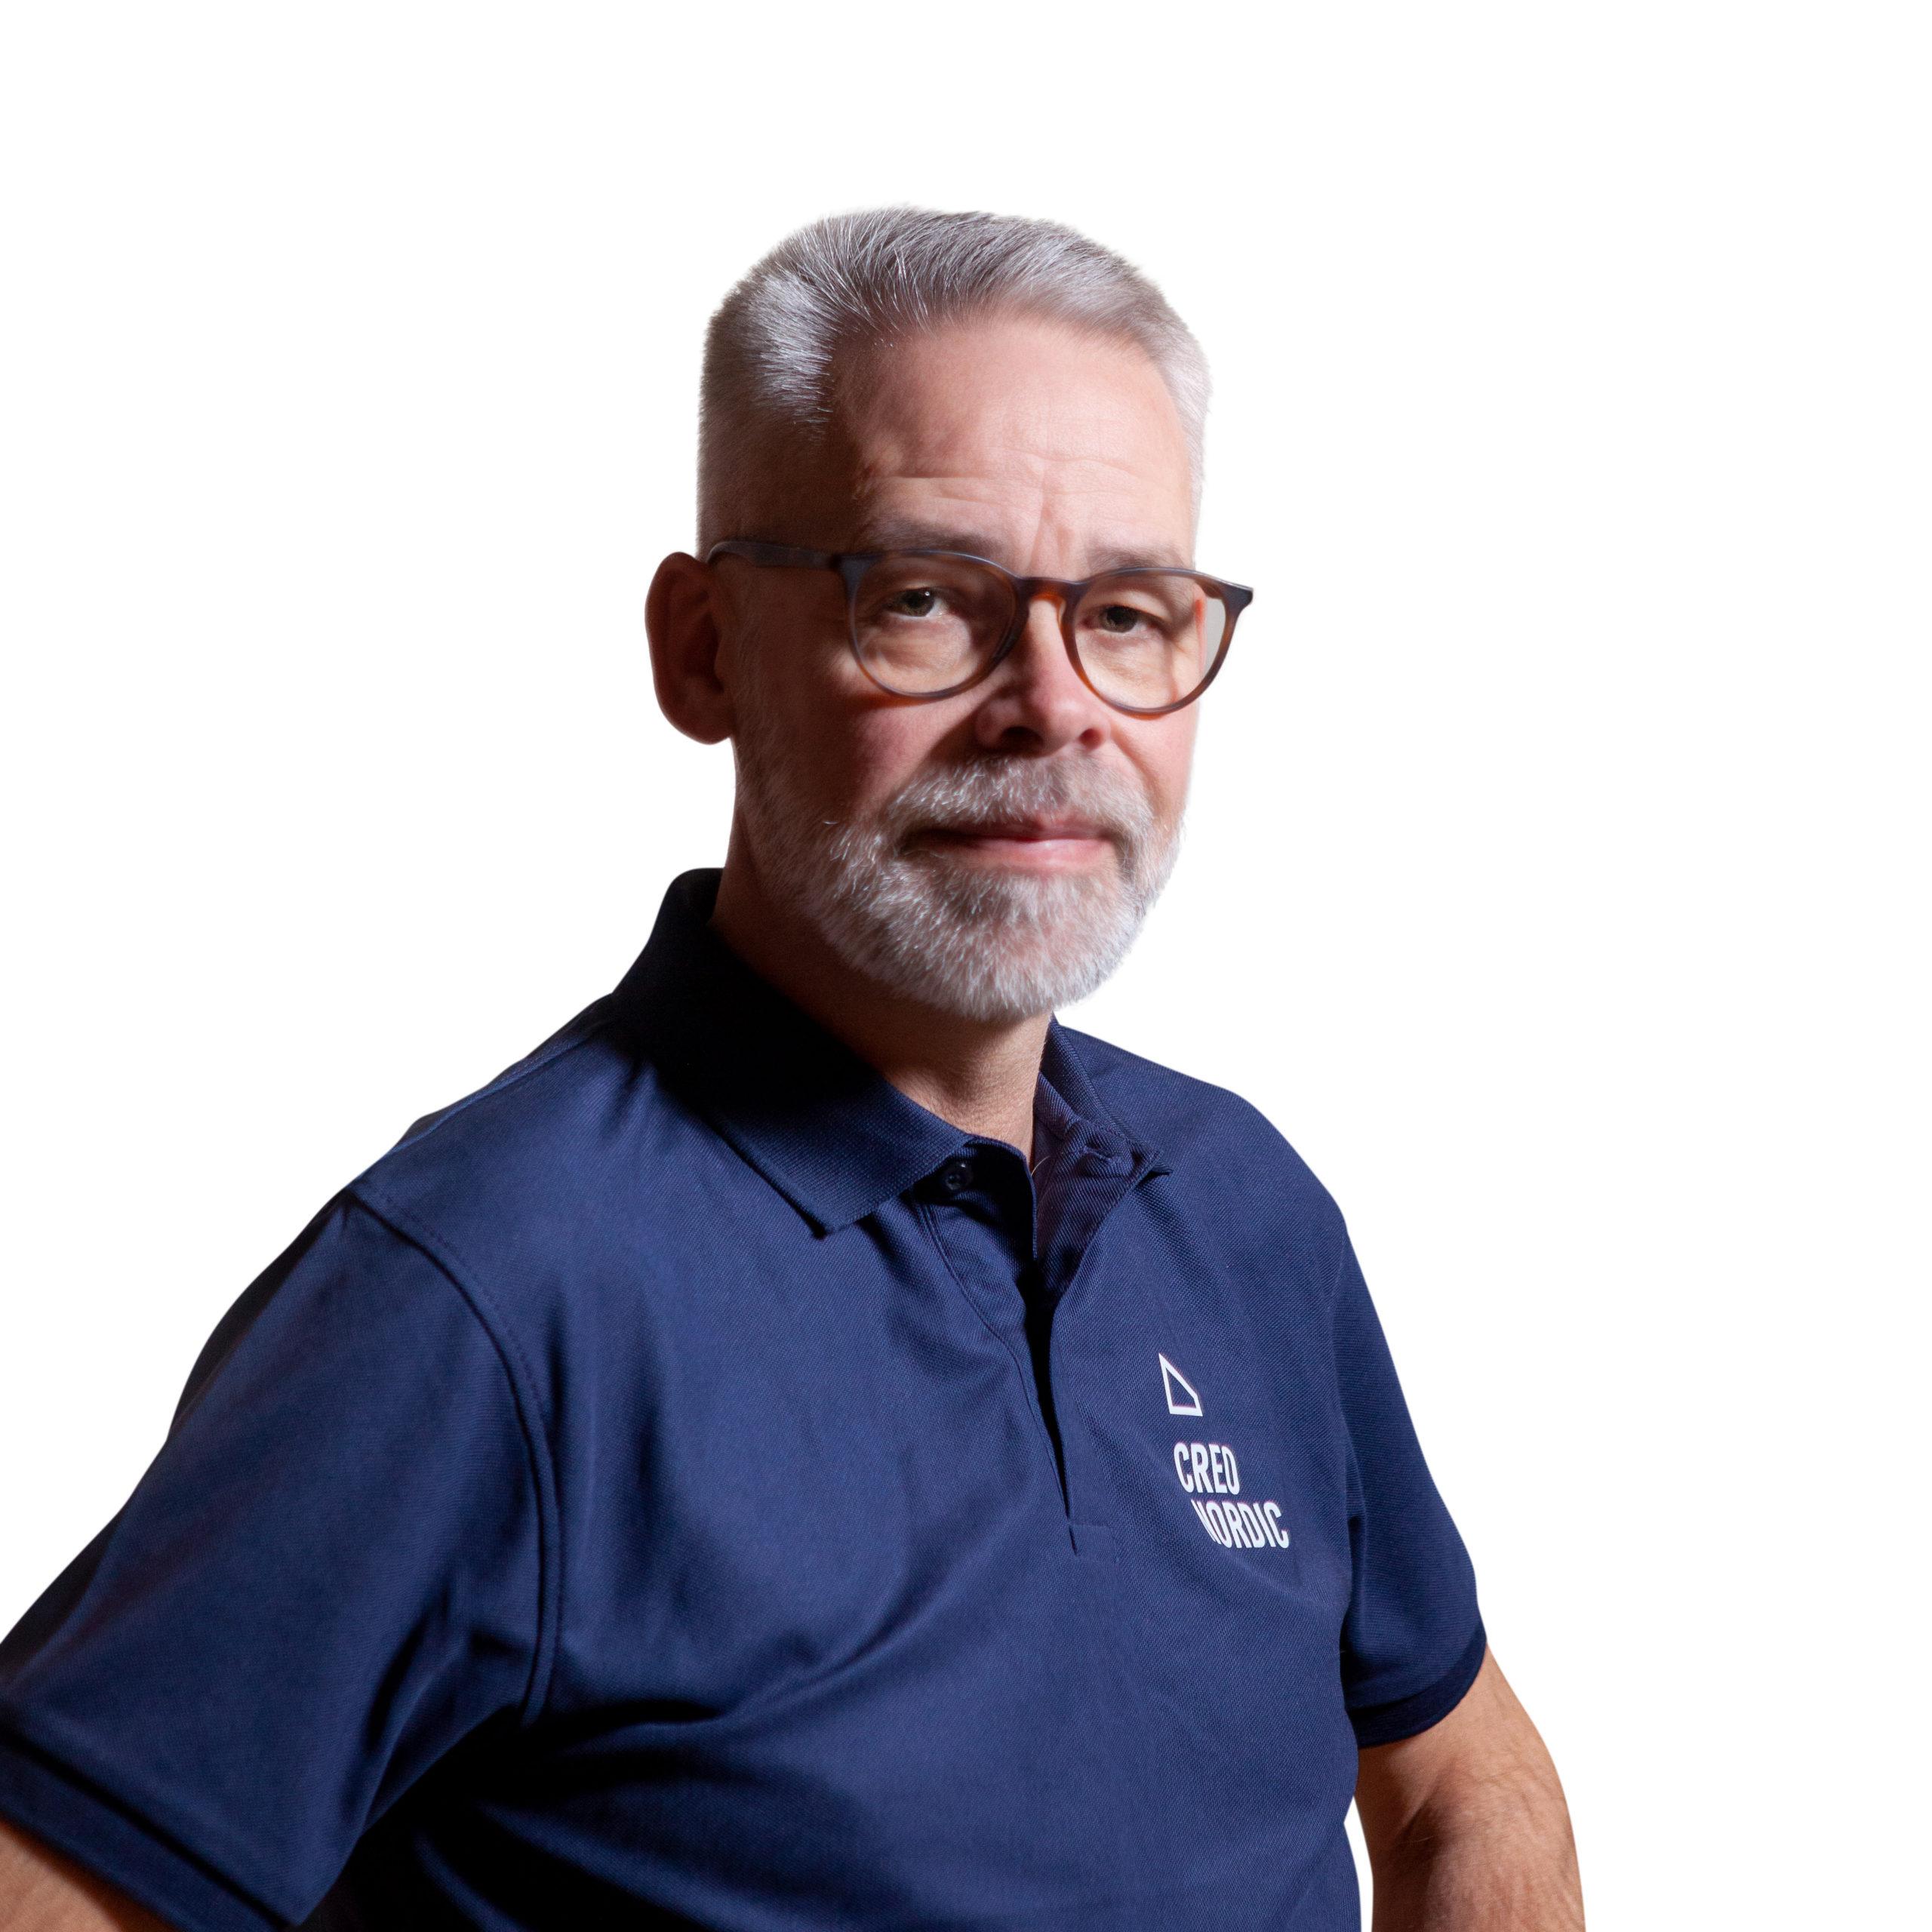 Einar Lona